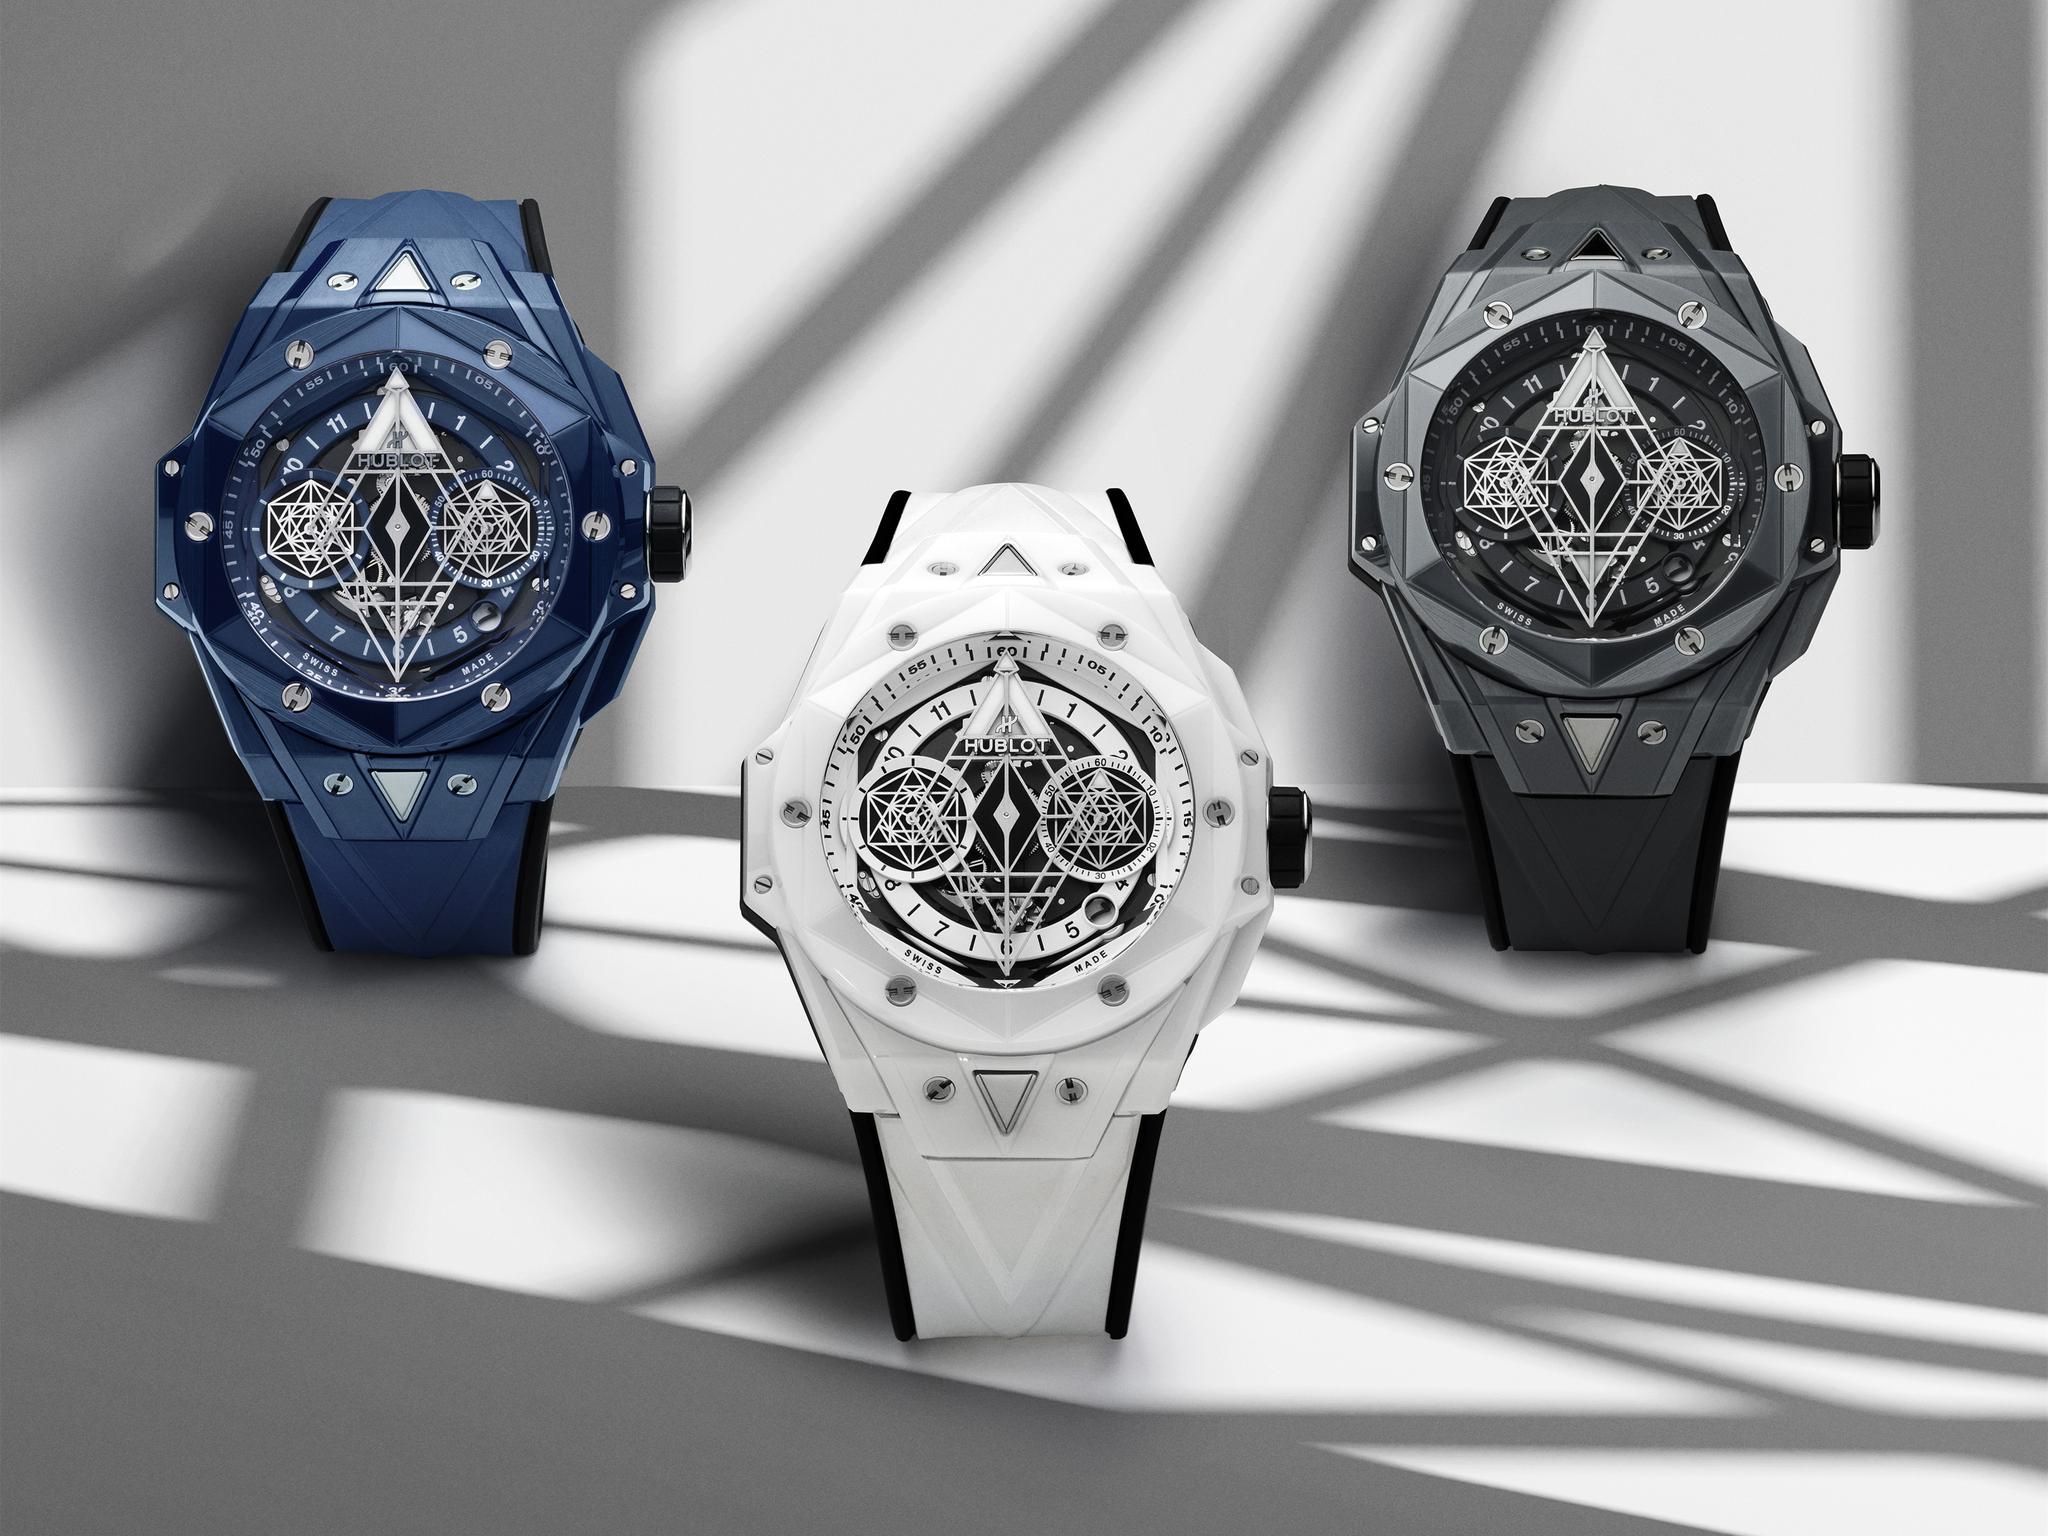 HUBLOT宇舶表多款全新腕表作品呈现 演绎新时尚